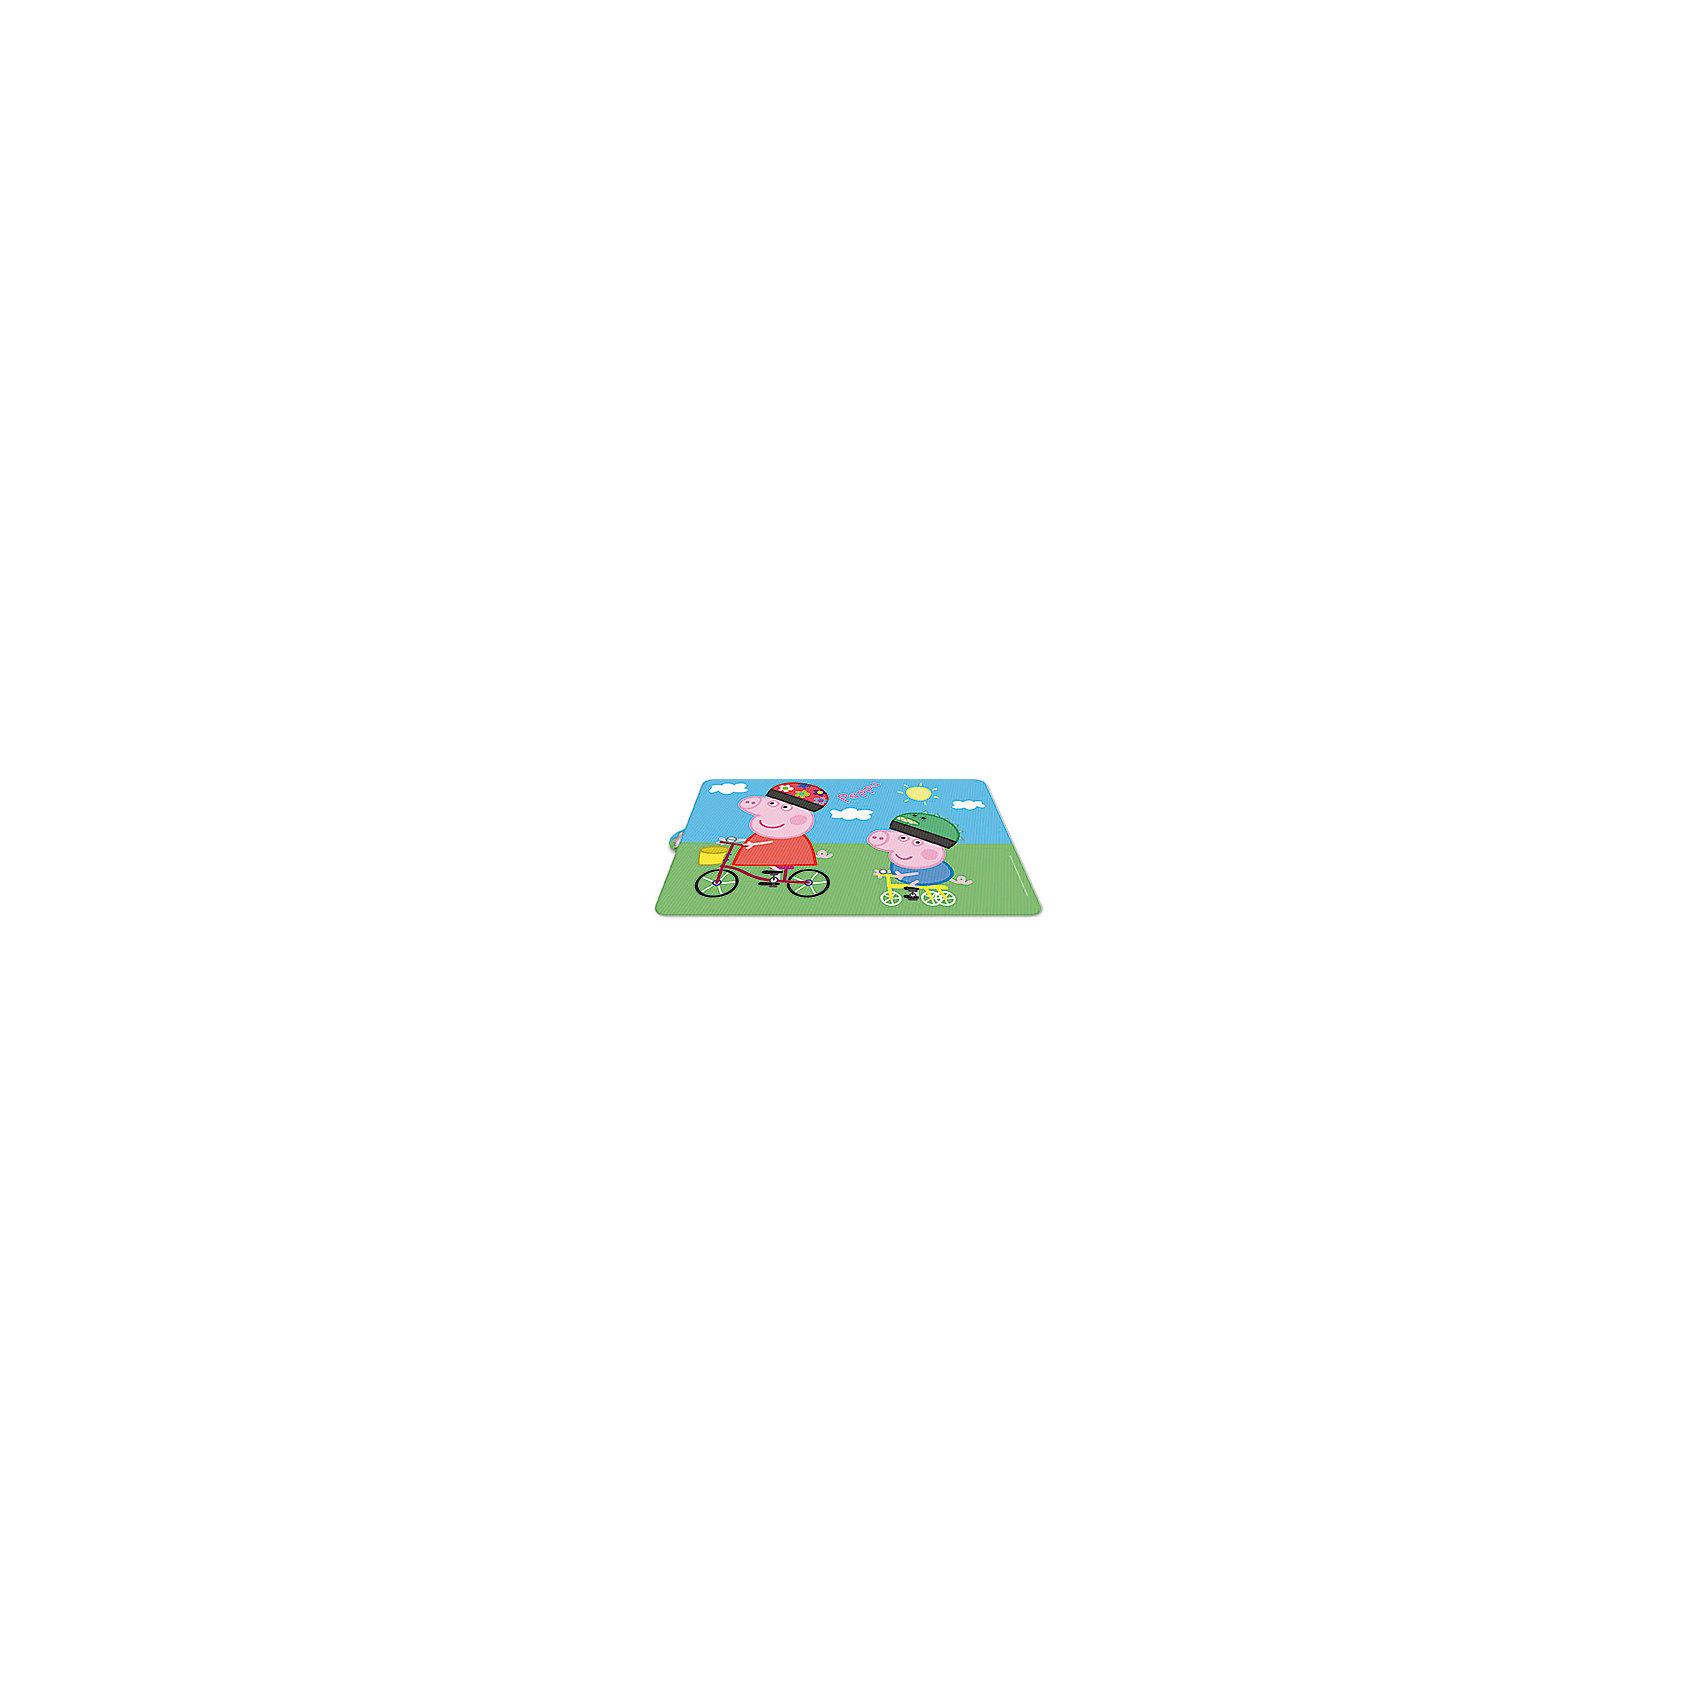 Настольная салфетка Свинка Пеппа 43*29,5 смНарядная салфетка под посуду в виде коврика с ярким принтом, на которой изображены свинка Пеппе и ее братик Джордж станет великолепным  дополнением к украшению детского стола.   С такой салфеткой Ваш стол будет украшен оригинальной подставкой и защищен от воздействия высоких температур и повреждений, а оригинальные рисунки поднимут аппетит и настроение Вам и Вашему ребенку!   <br><br>Дополнительная информация: <br><br>- удобная подвеска-петелька<br>- размер салфетки: 43*29,5 см.<br>- принт со Свинкой Пеппой и Джорджем<br><br>      Настольную салфетку Свинка Пеппа 43*29,5 см.  можно купить в нашем интернет-магазине.<br><br>Ширина мм: 430<br>Глубина мм: 295<br>Высота мм: 0<br>Вес г: 52<br>Возраст от месяцев: 36<br>Возраст до месяцев: 84<br>Пол: Унисекс<br>Возраст: Детский<br>SKU: 4536192